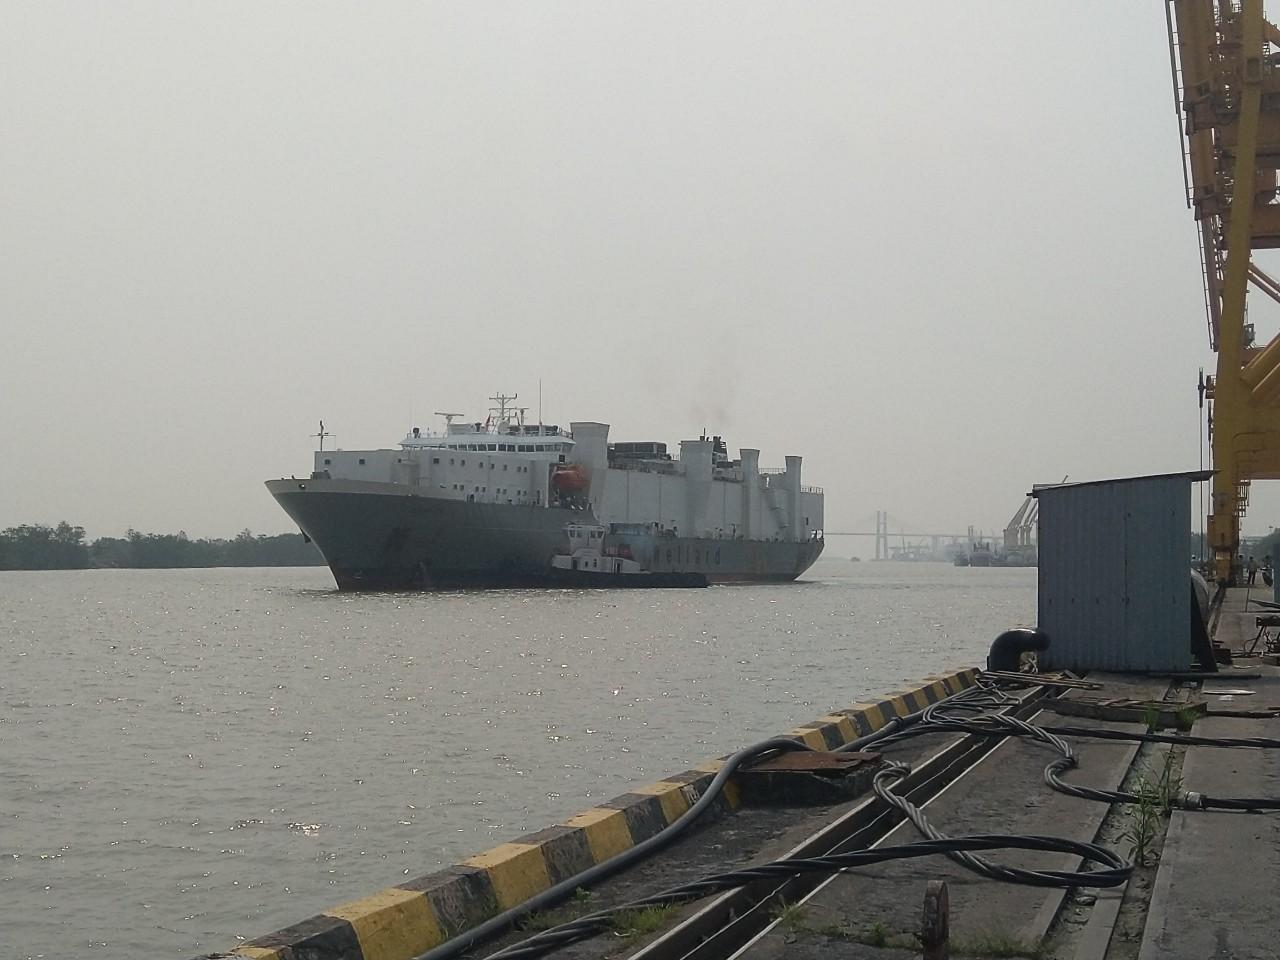 Tàu bòúc OCEAN UTE cảng Chùa Vẽ